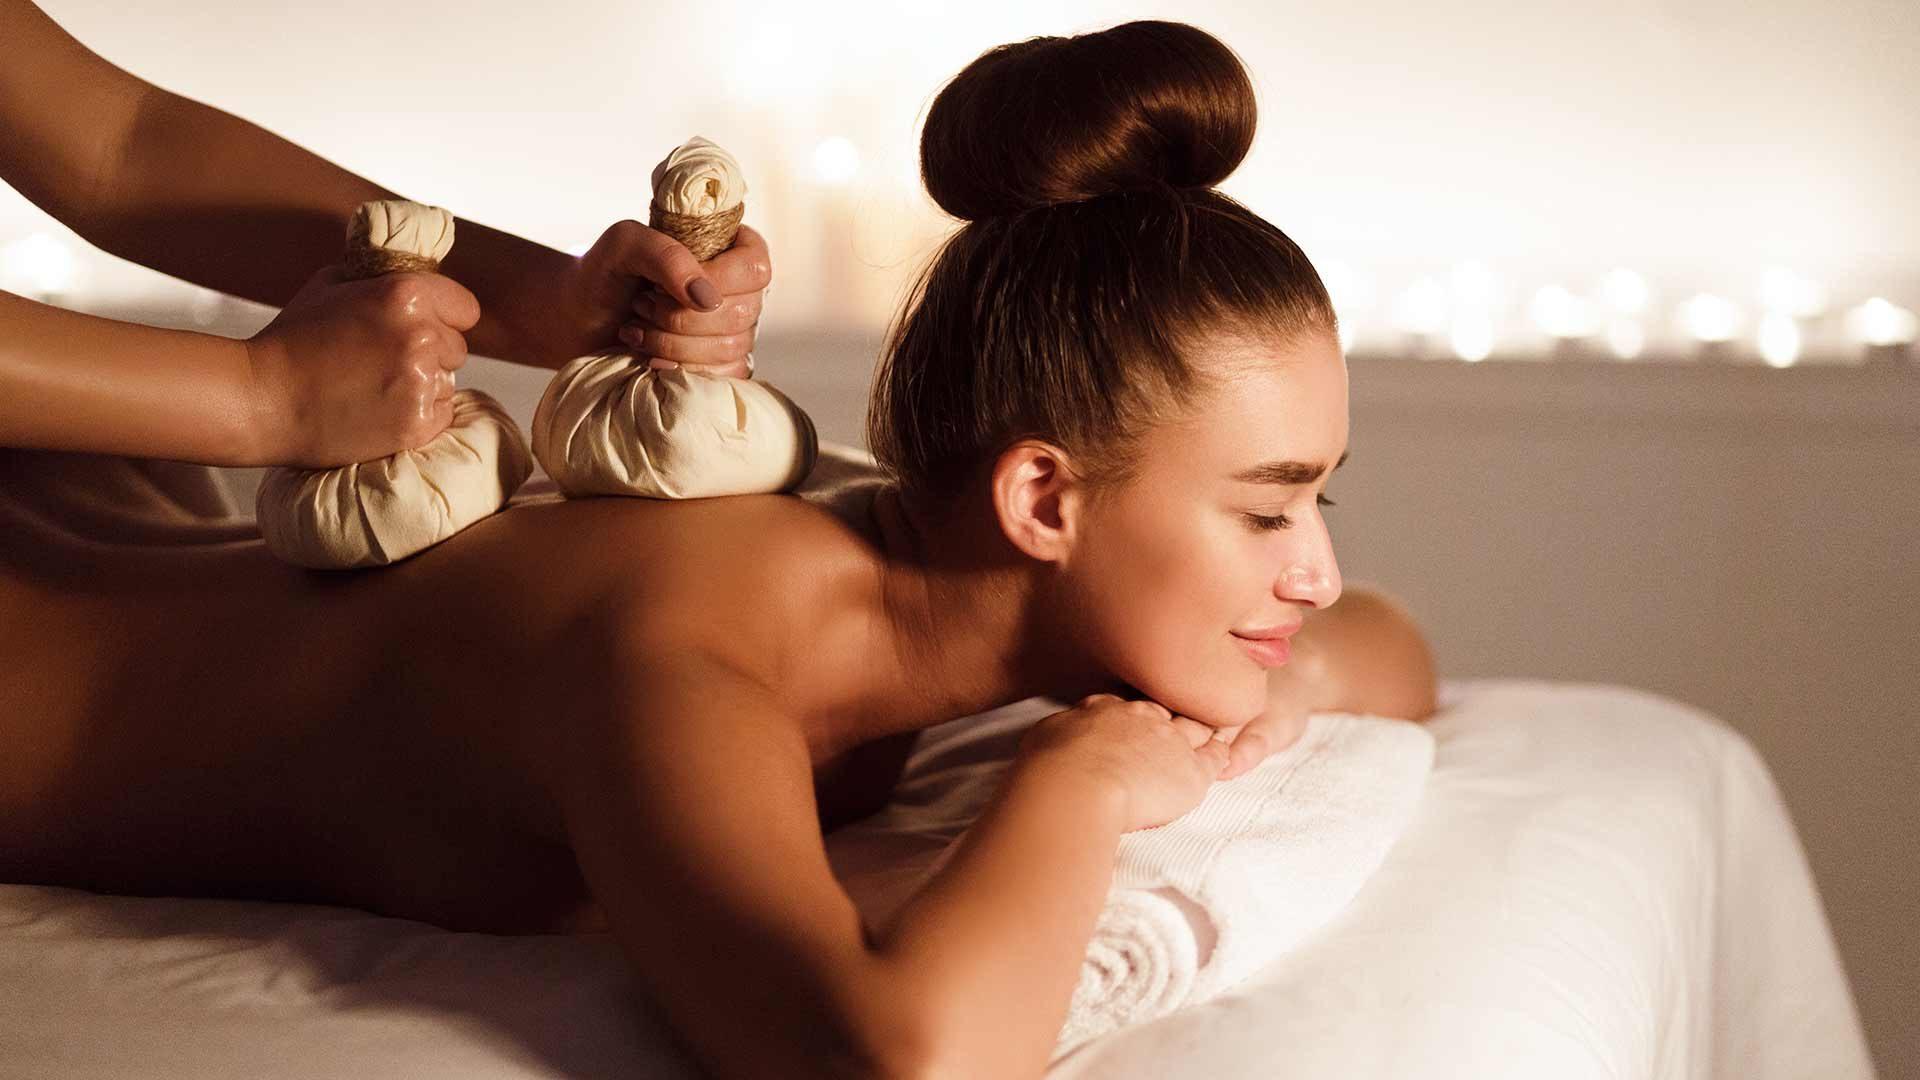 Massaggio con timbri caldi alle erbe aromatiche - Terme Merano